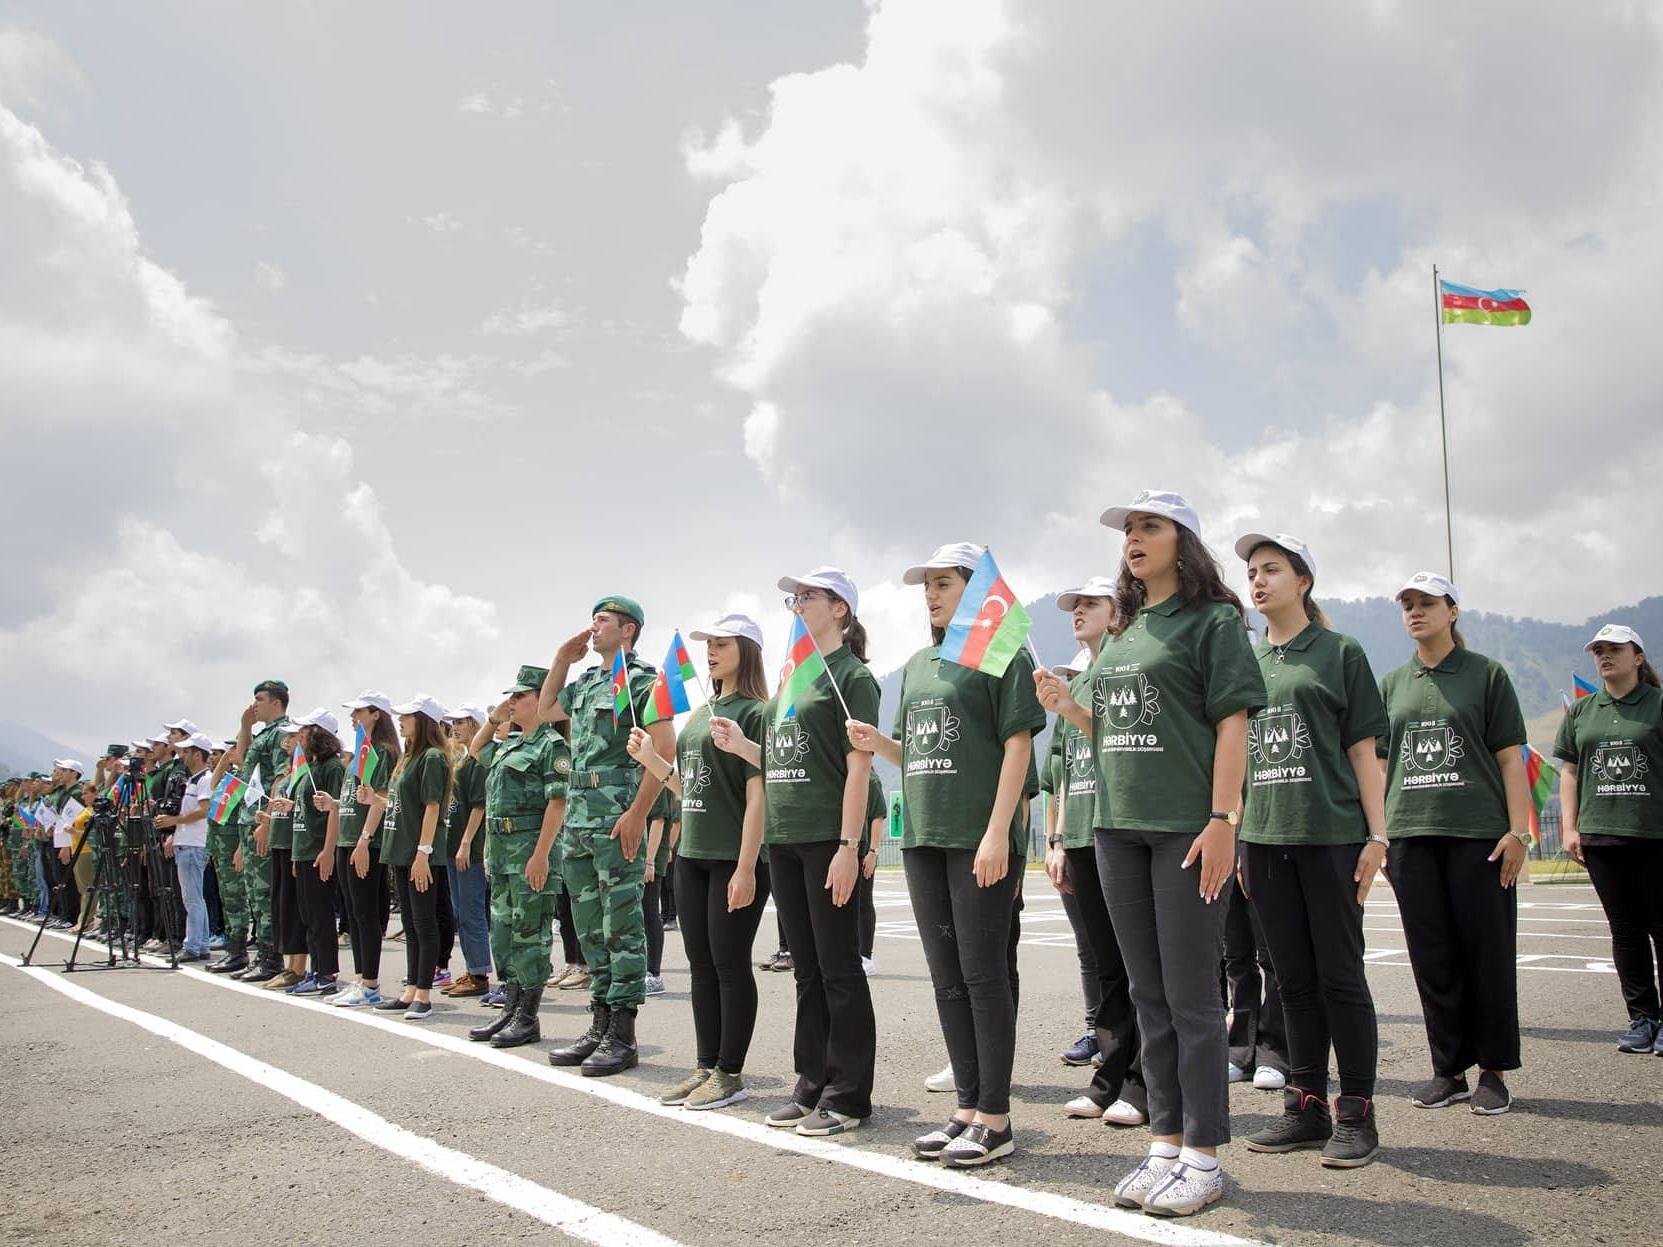 Есть змей и быть готовыми к бою: Что увидели в первый день участники военно-патриотического лагеря - ФОТО